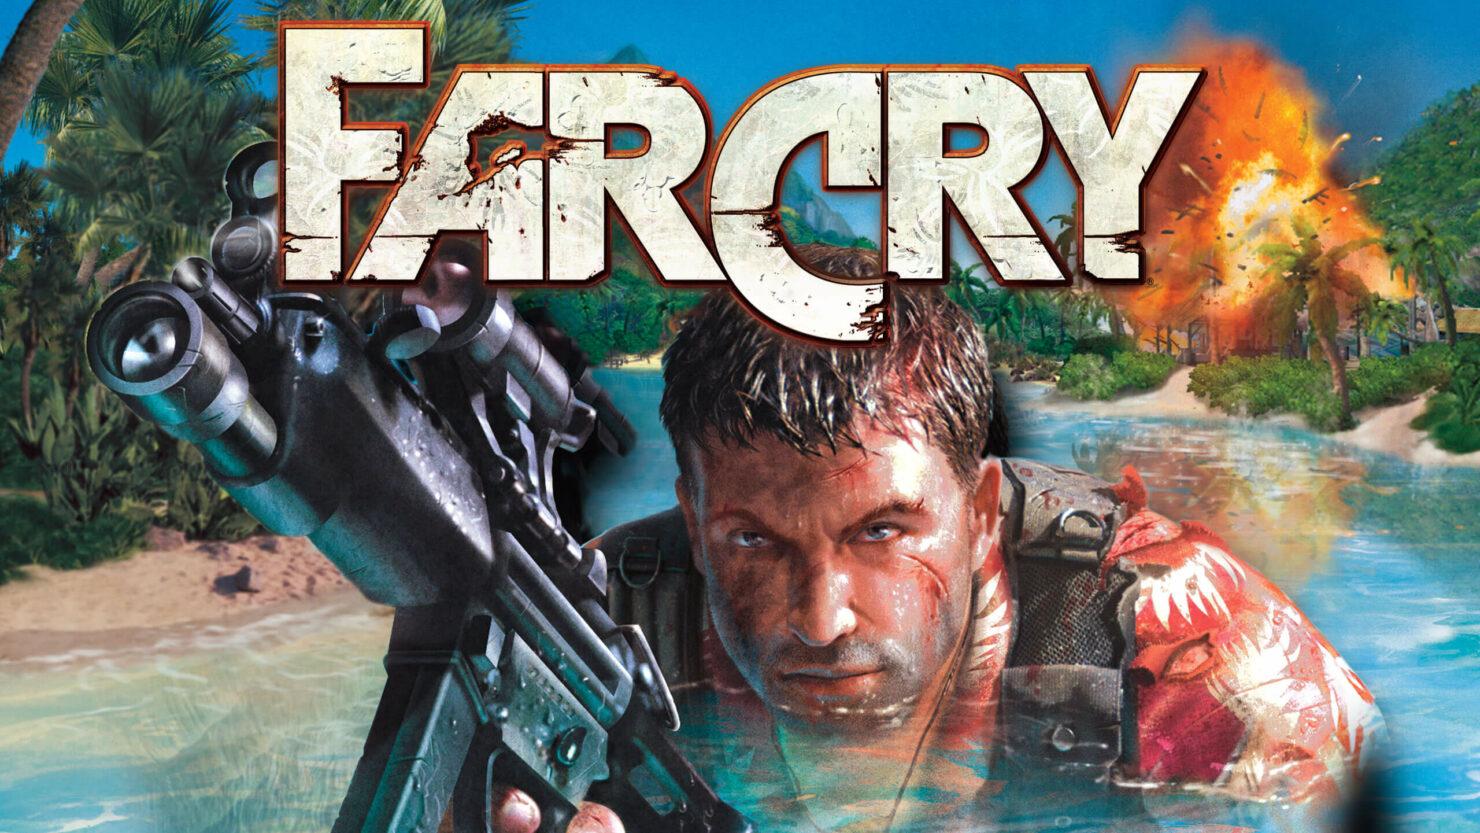 Se confirma que el villano de Far Cry 2 es el héroe de Far Cry 1, Jack Carver, GamersRD